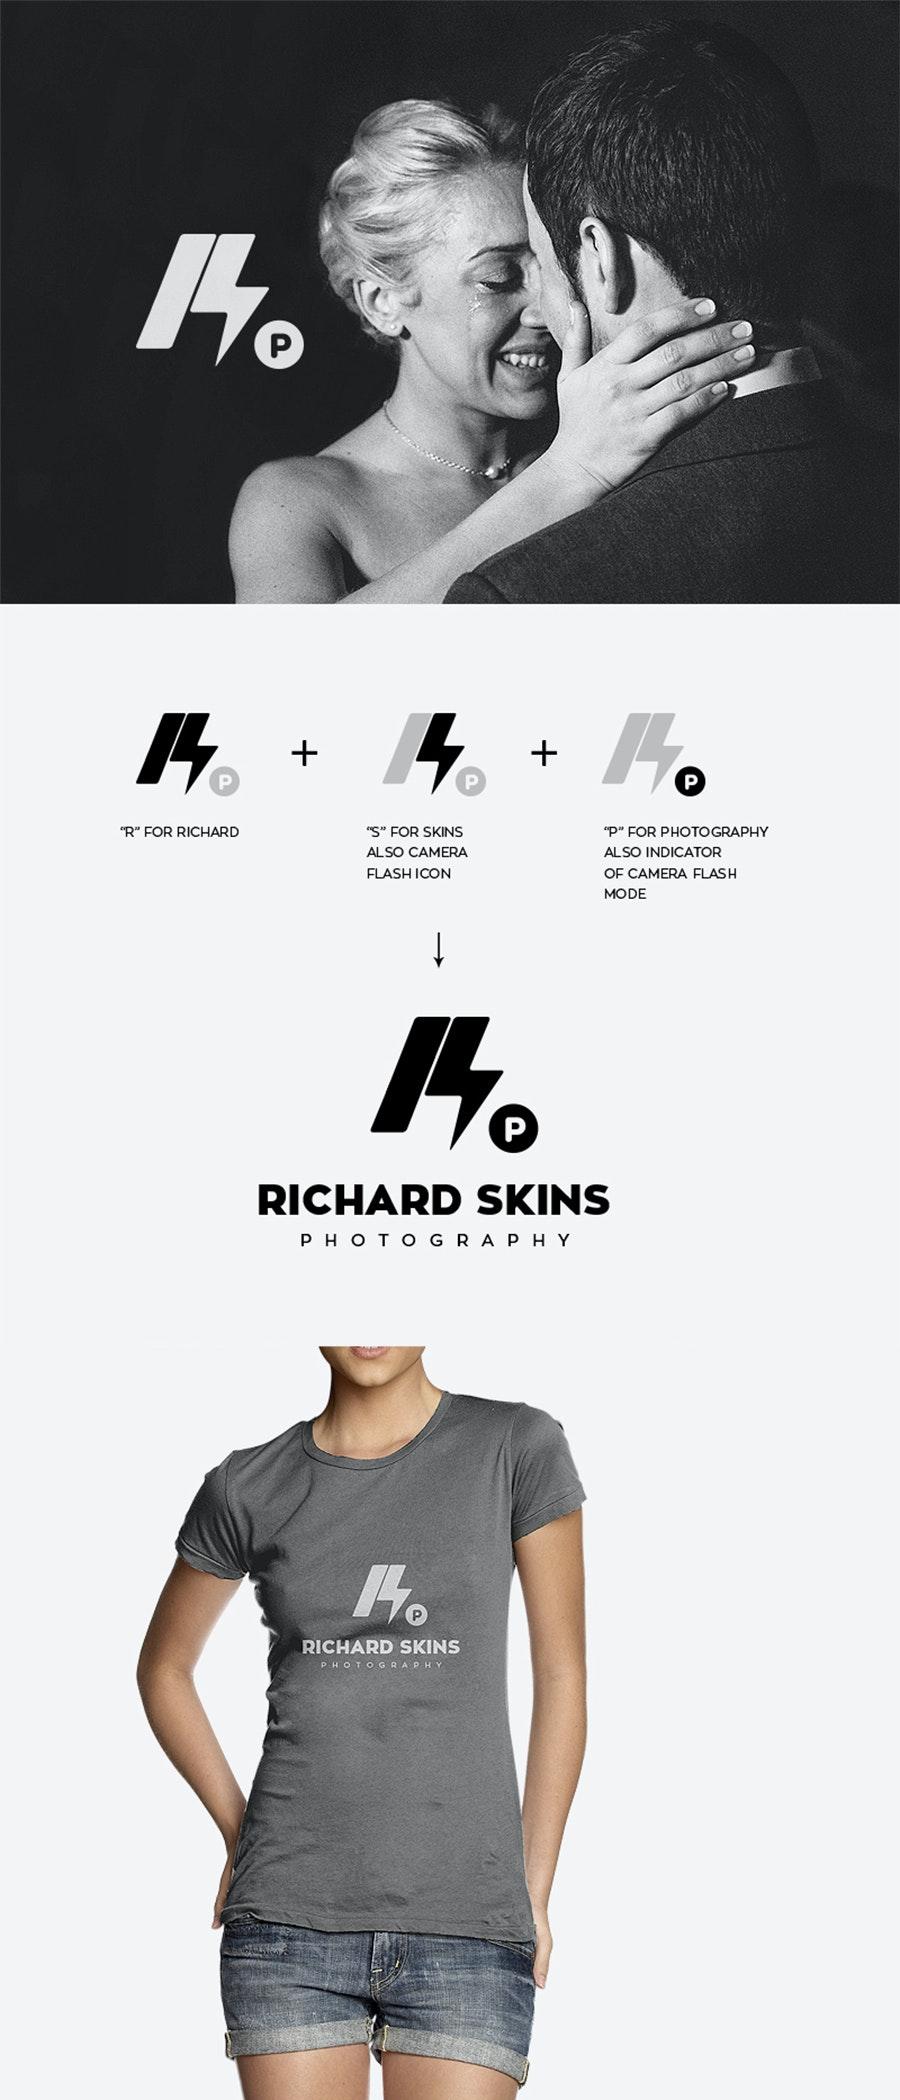 Richard Skins